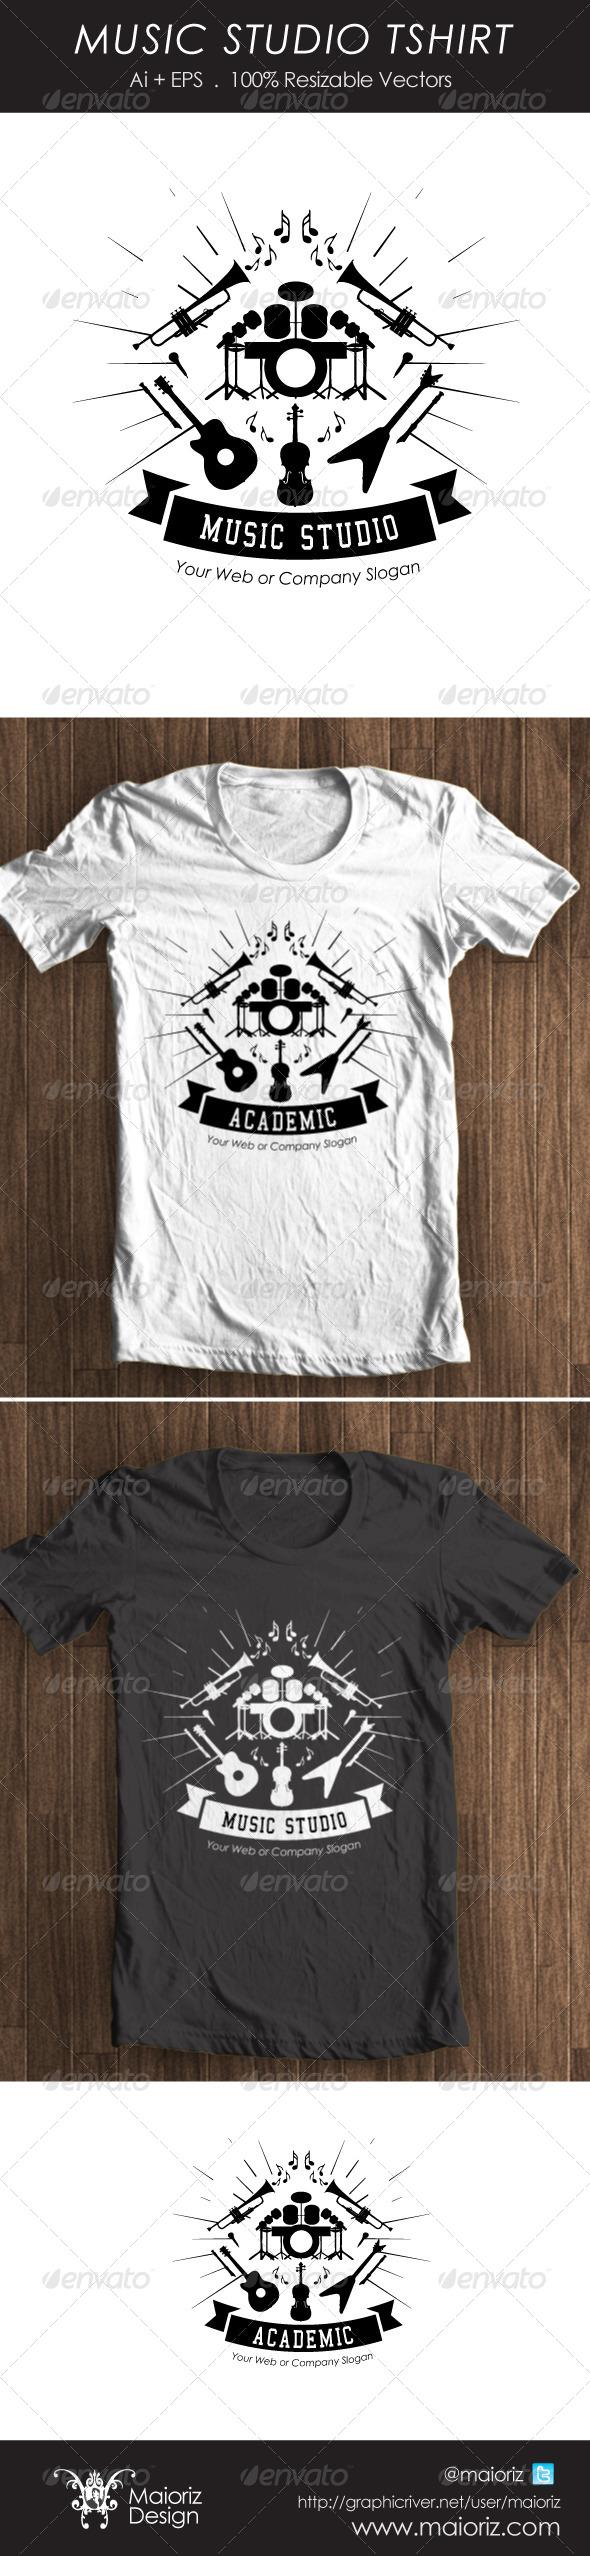 Music Studio Tshirt - Business T-Shirts